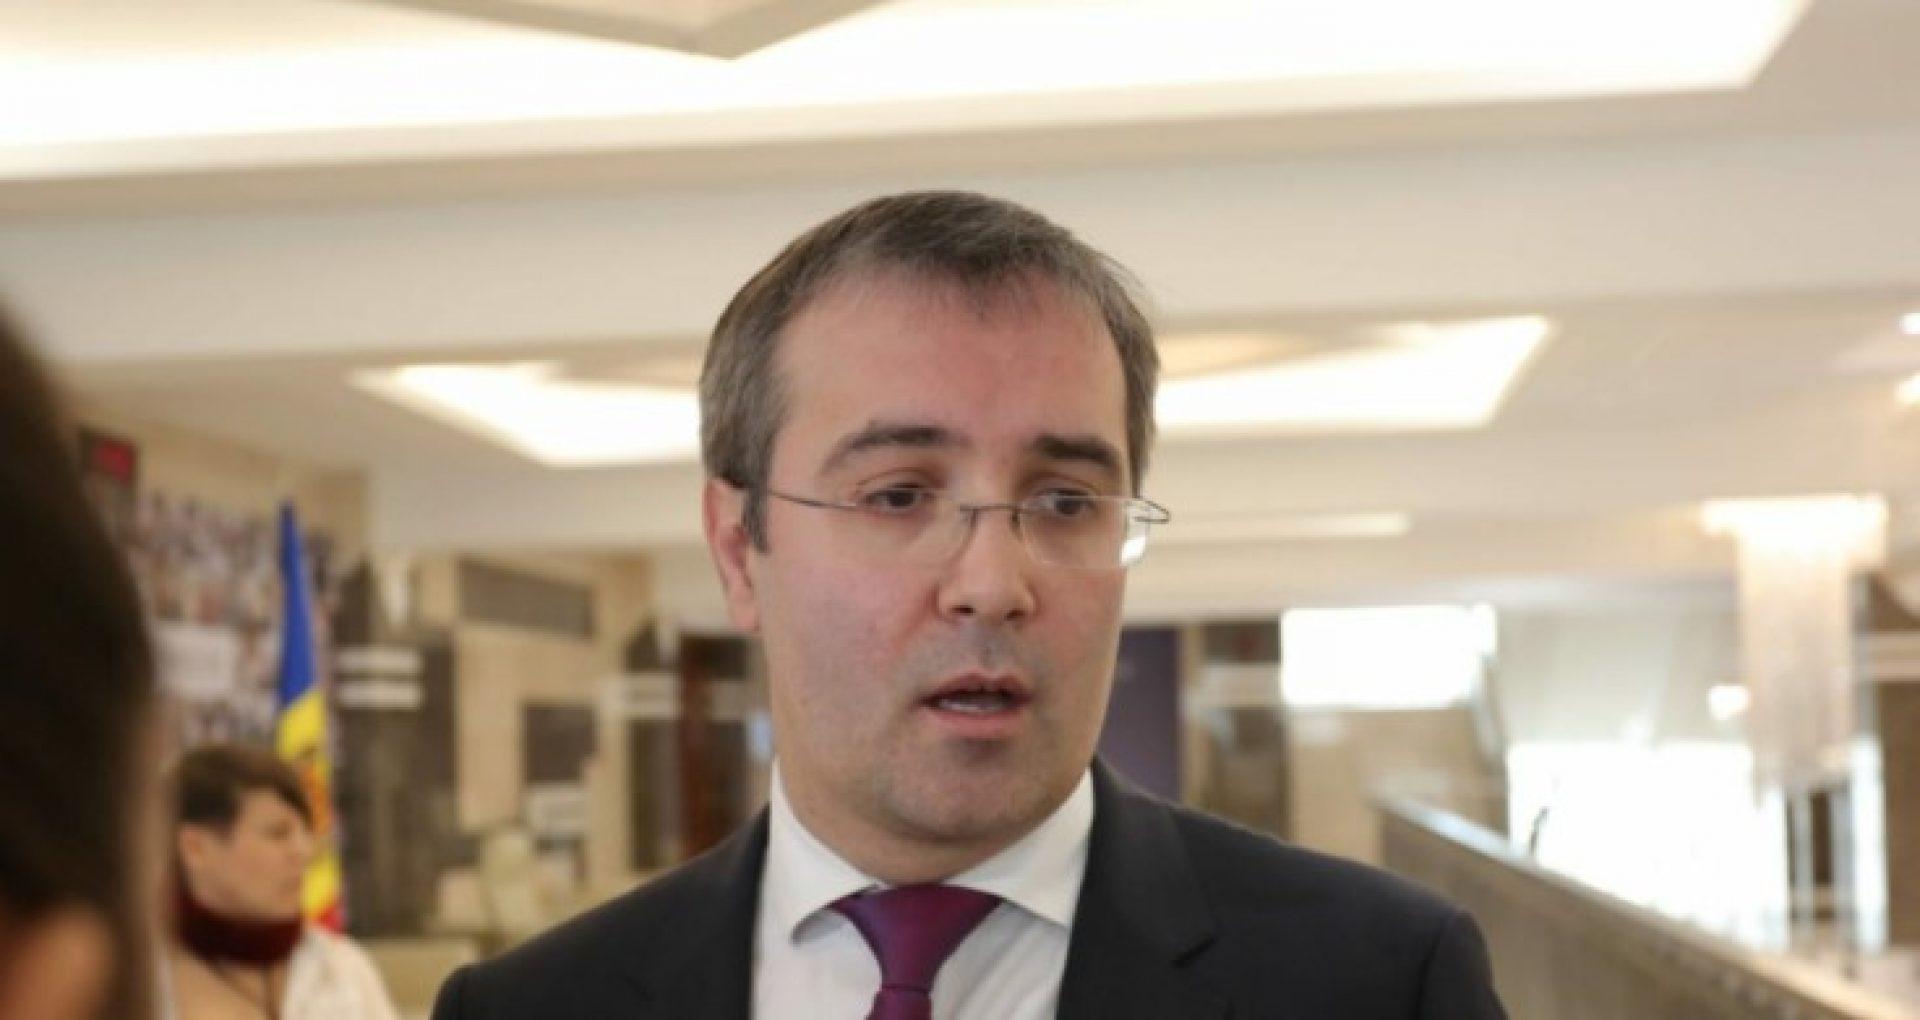 """Deputatul Sergiu Sîrbu, membru al CSS, susține că președinta Sandu i-a cerut să părăsească ședința CSS: """"Voi refuza, în semn de protest, să particip și la ședințele viitoare"""""""